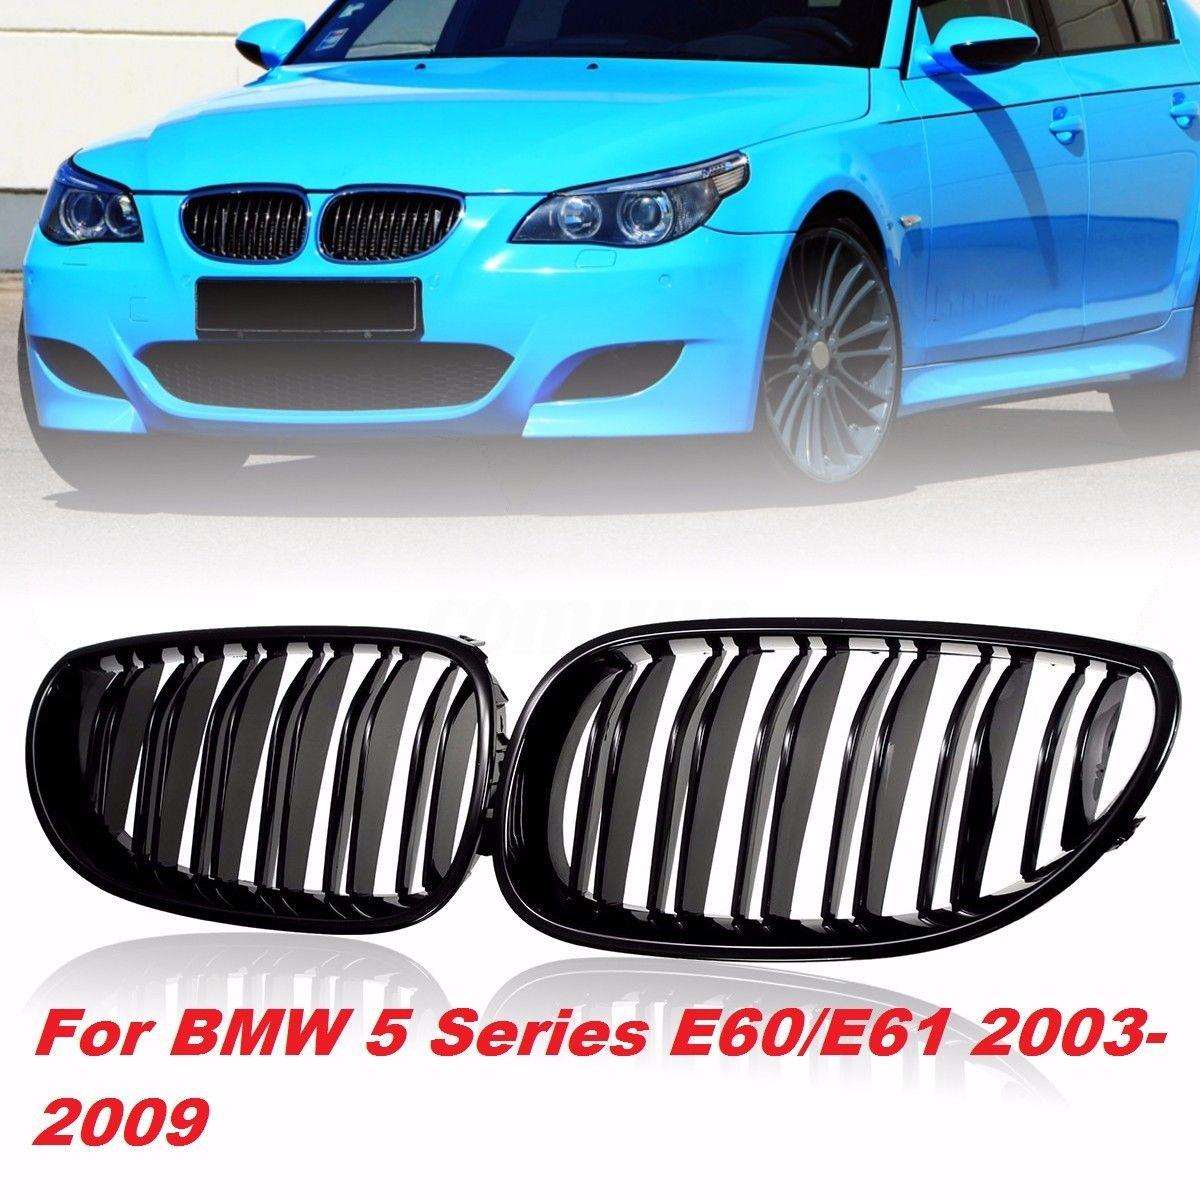 2 pièces Grilles Avant Rein Gril Noir Brillant Double Ligne Pour BMW E60 E61 SÉRIE 5 2003-2009